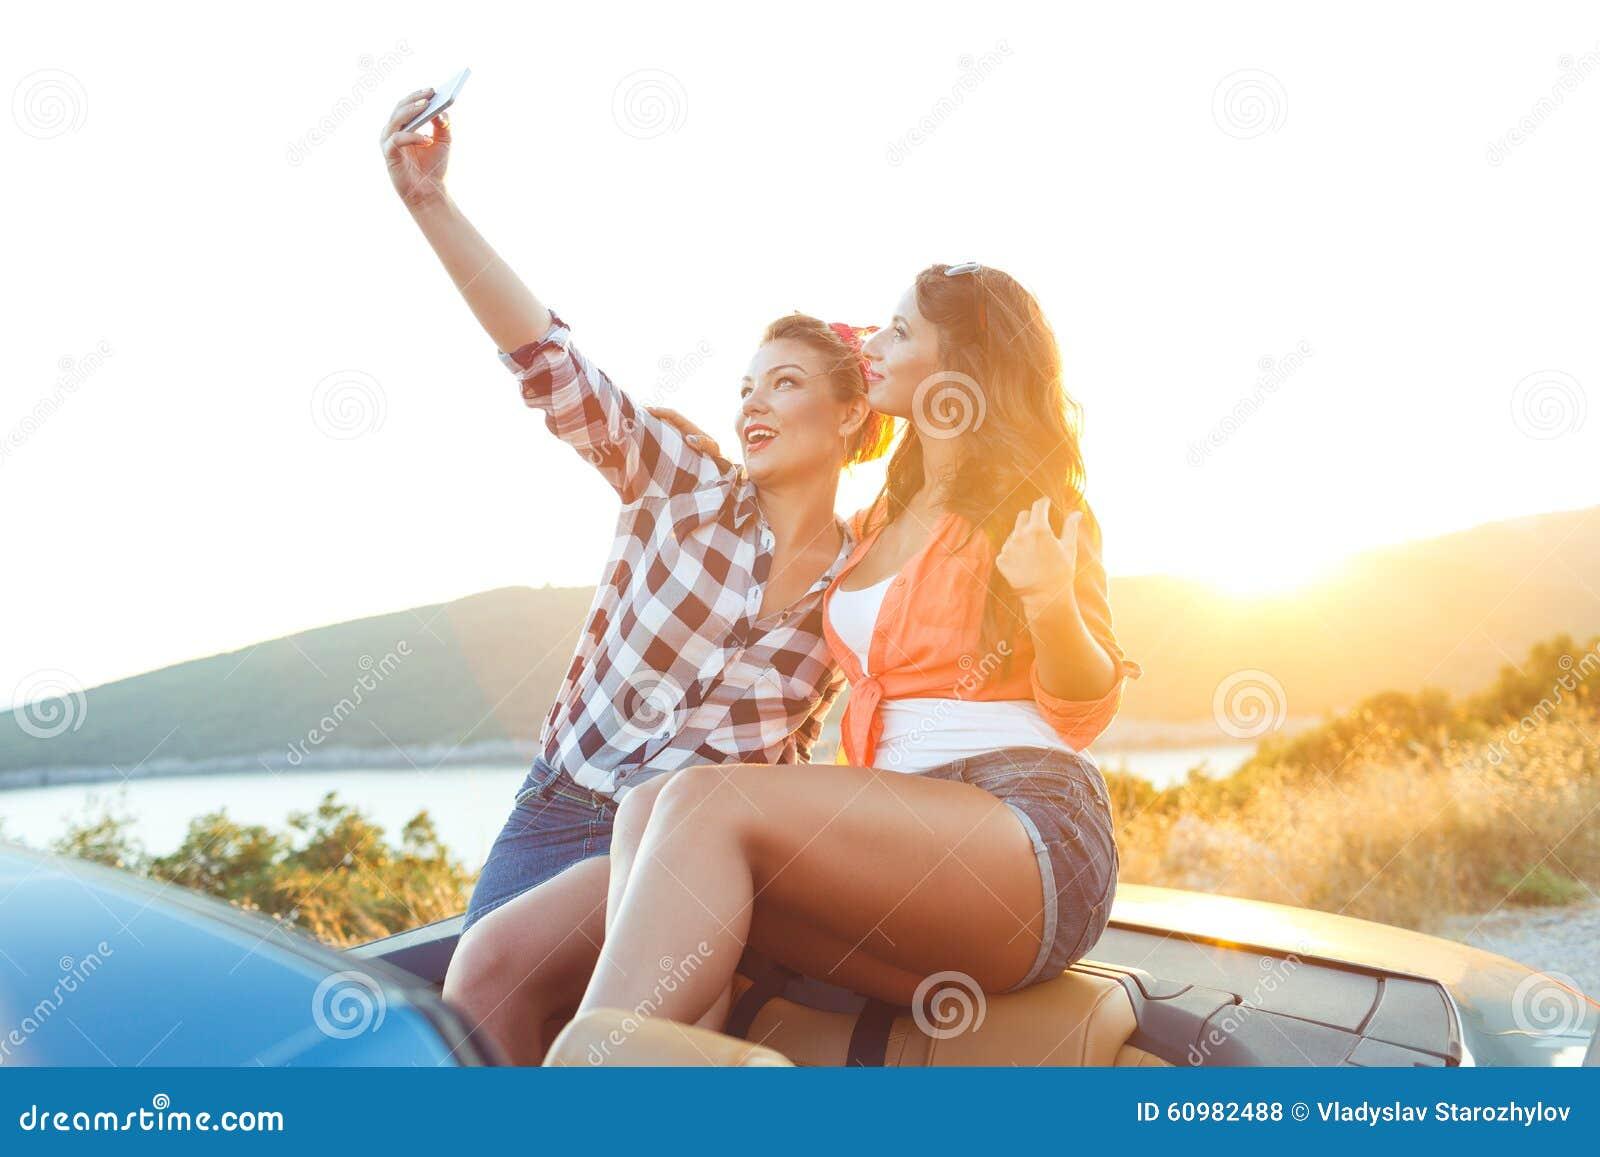 2 молодых красивых девушки делают selfie в автомобиле с откидным верхом